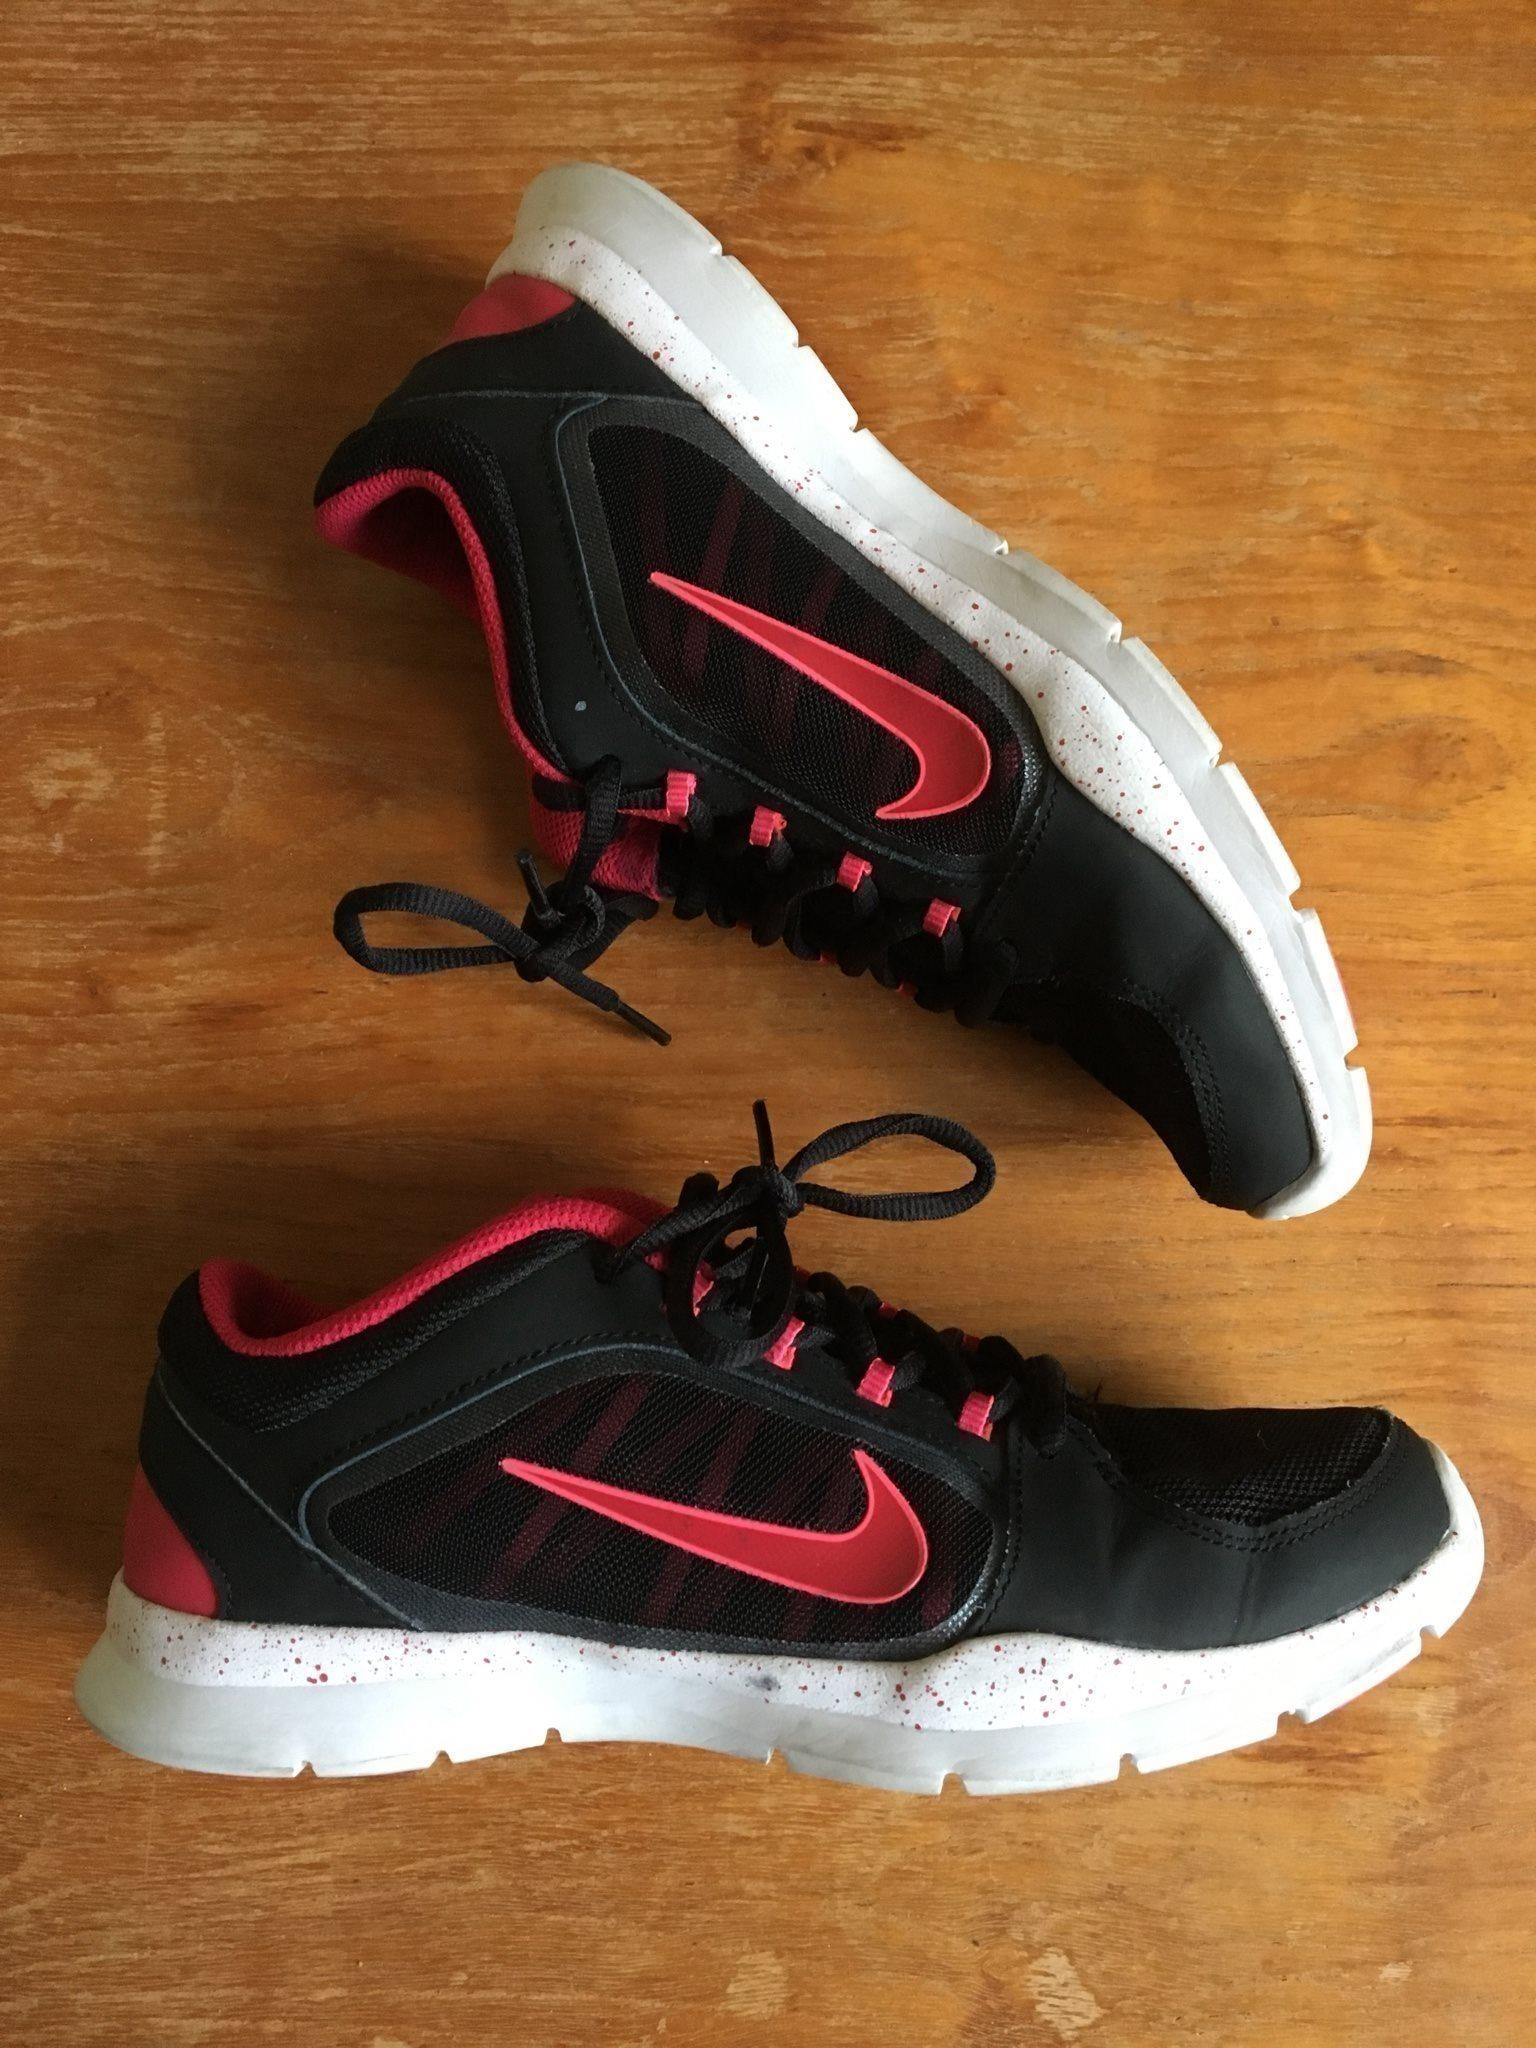 on sale 725ad b1939 Nike training - sko för inomhusträning, storlek 38